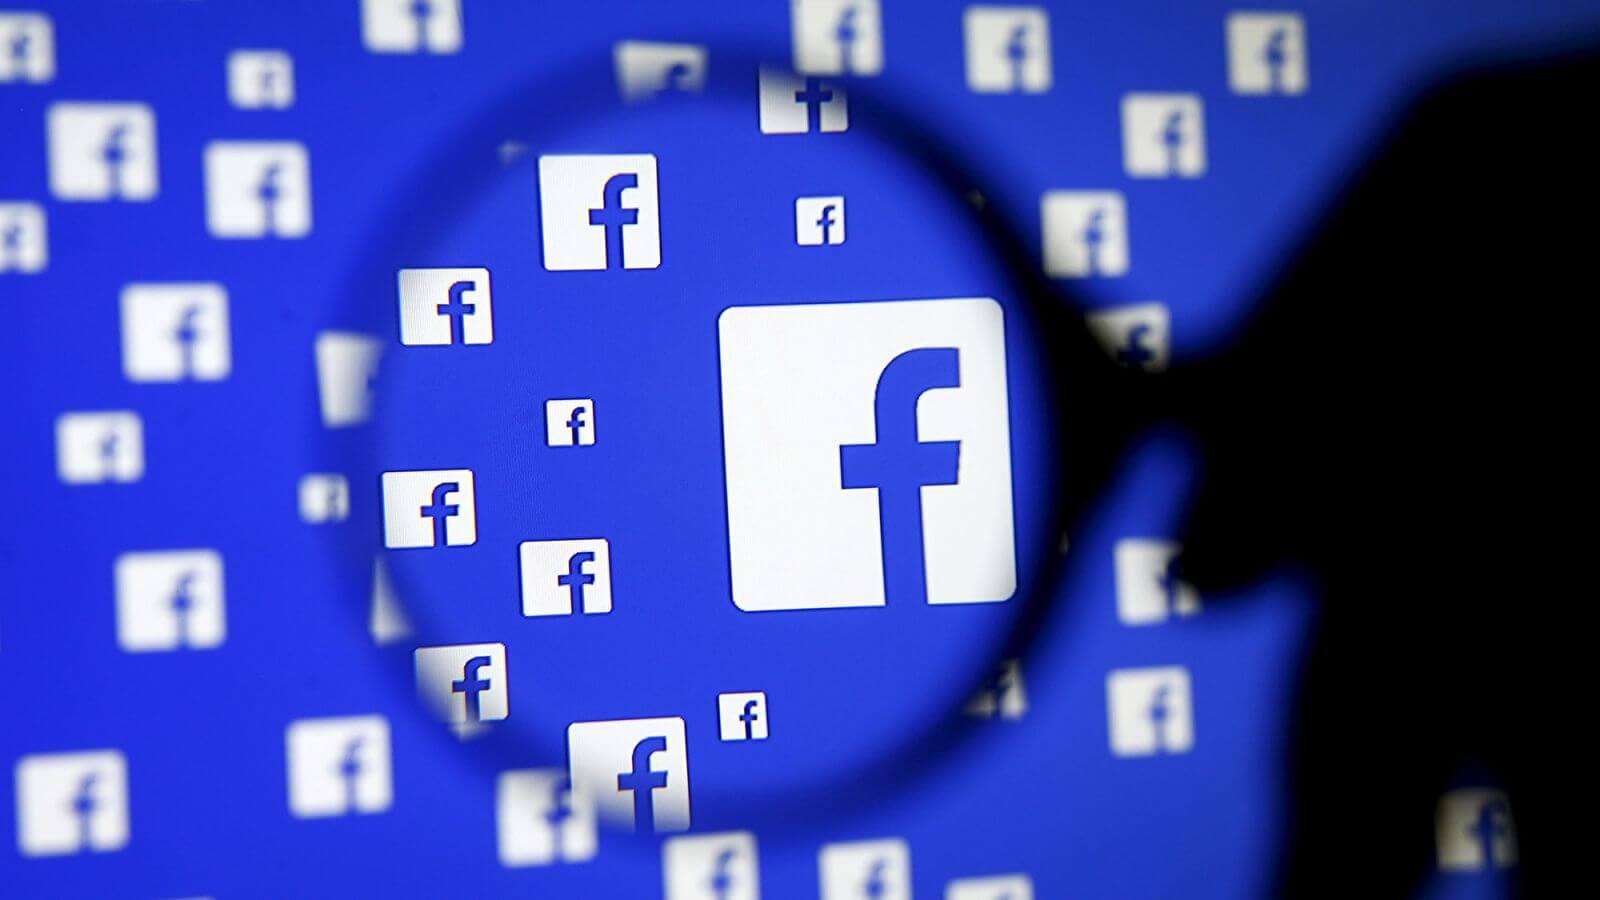 Descubra o que o Facebook sabe sobre você com o Data Selfie